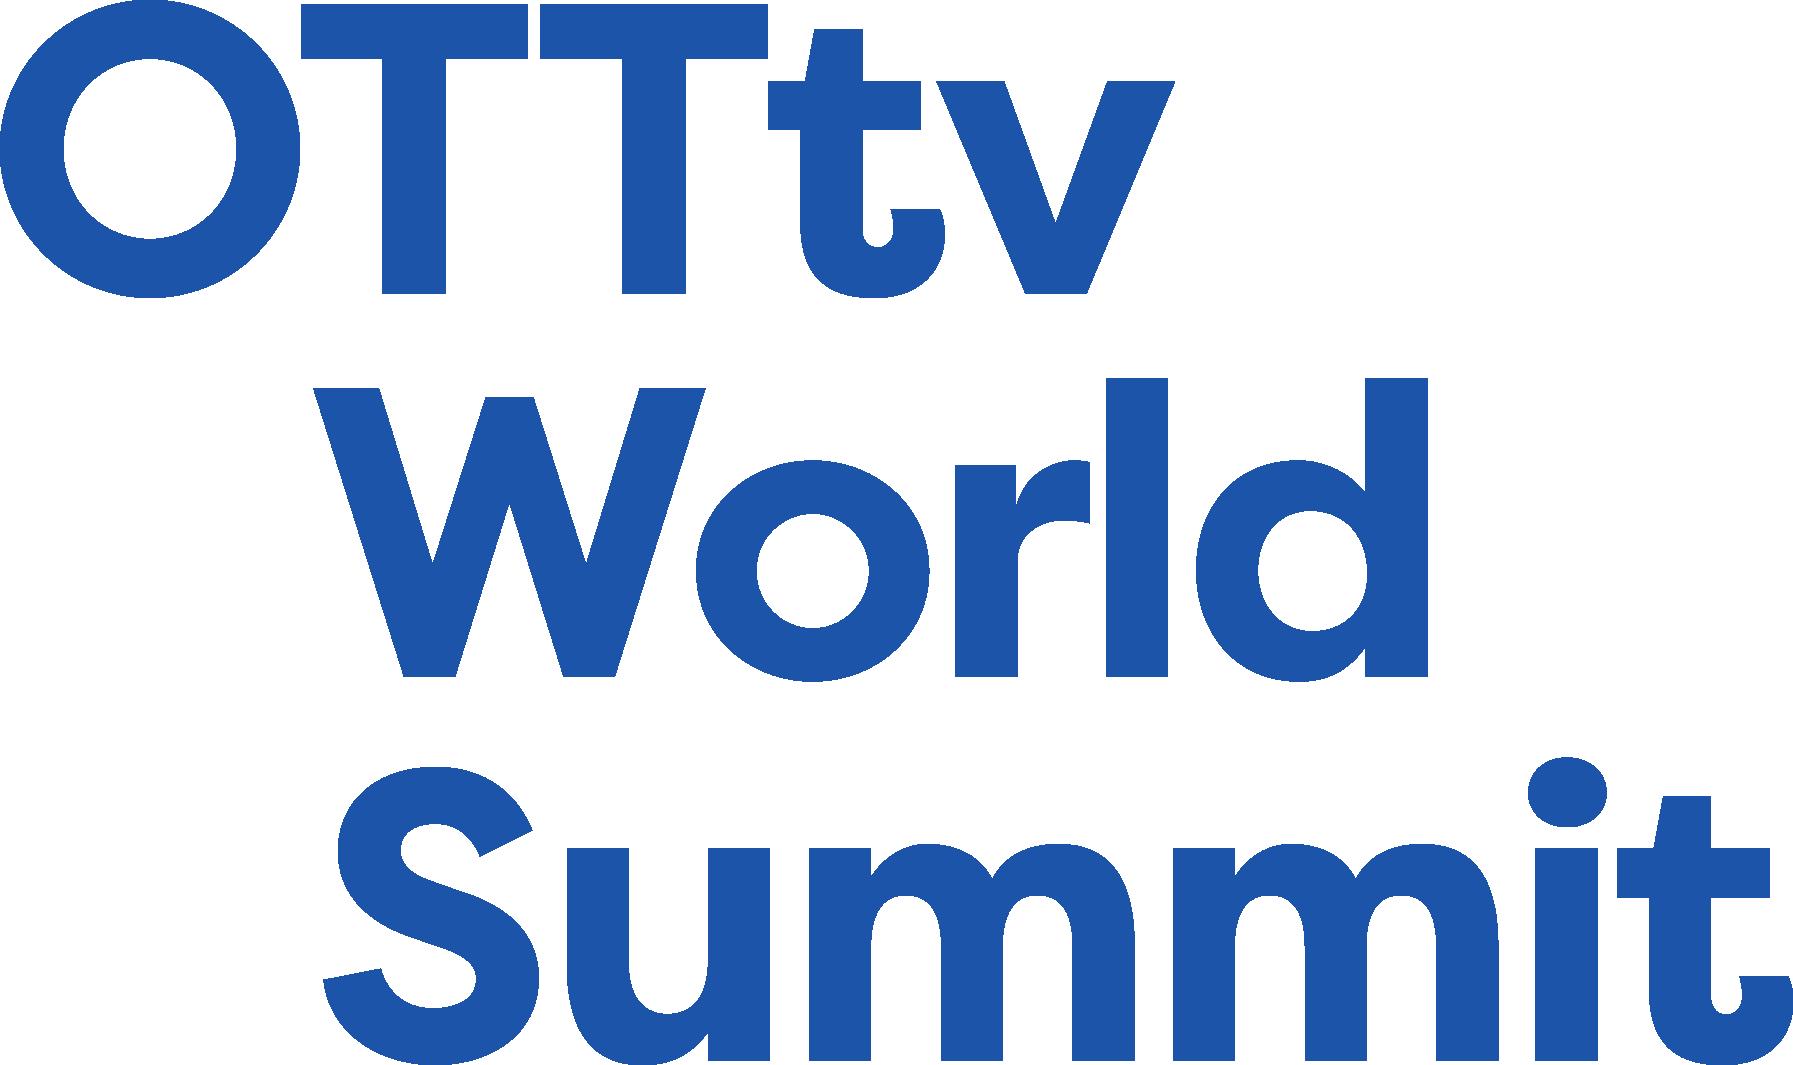 OTTtv World Summit